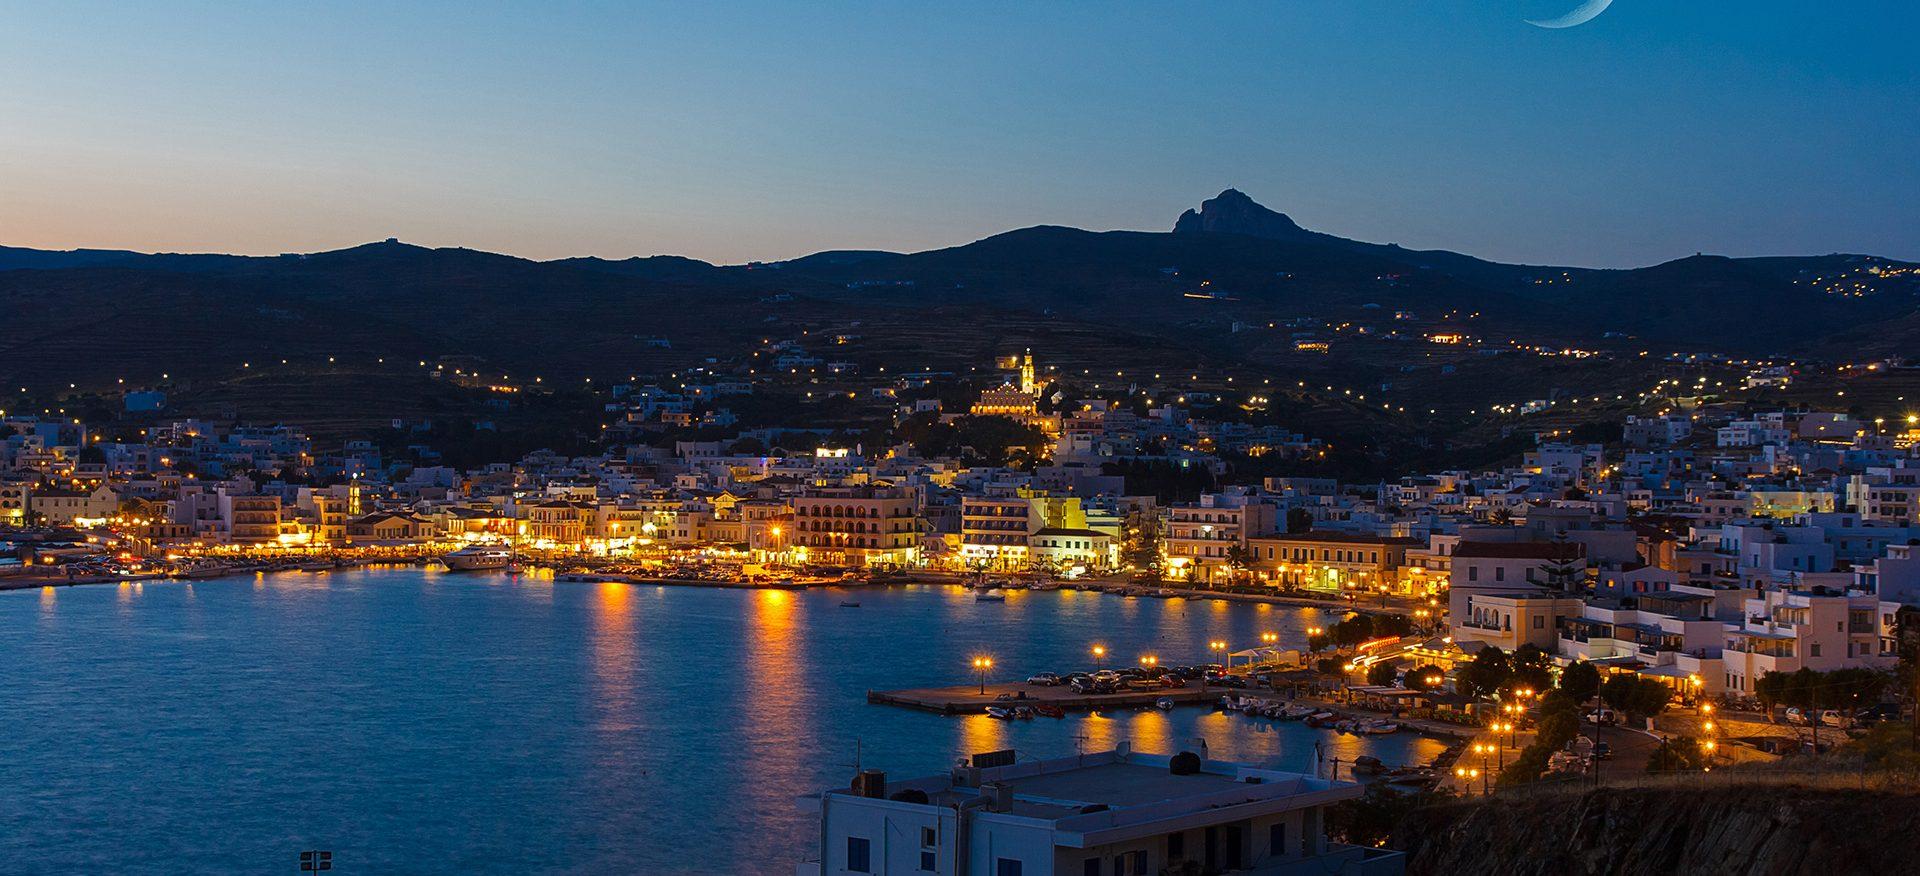 Εκδρομή στην Τήνο, οδικο-ακτοπλοϊκώς με το τουριστικό γραφείο Prima Holidays